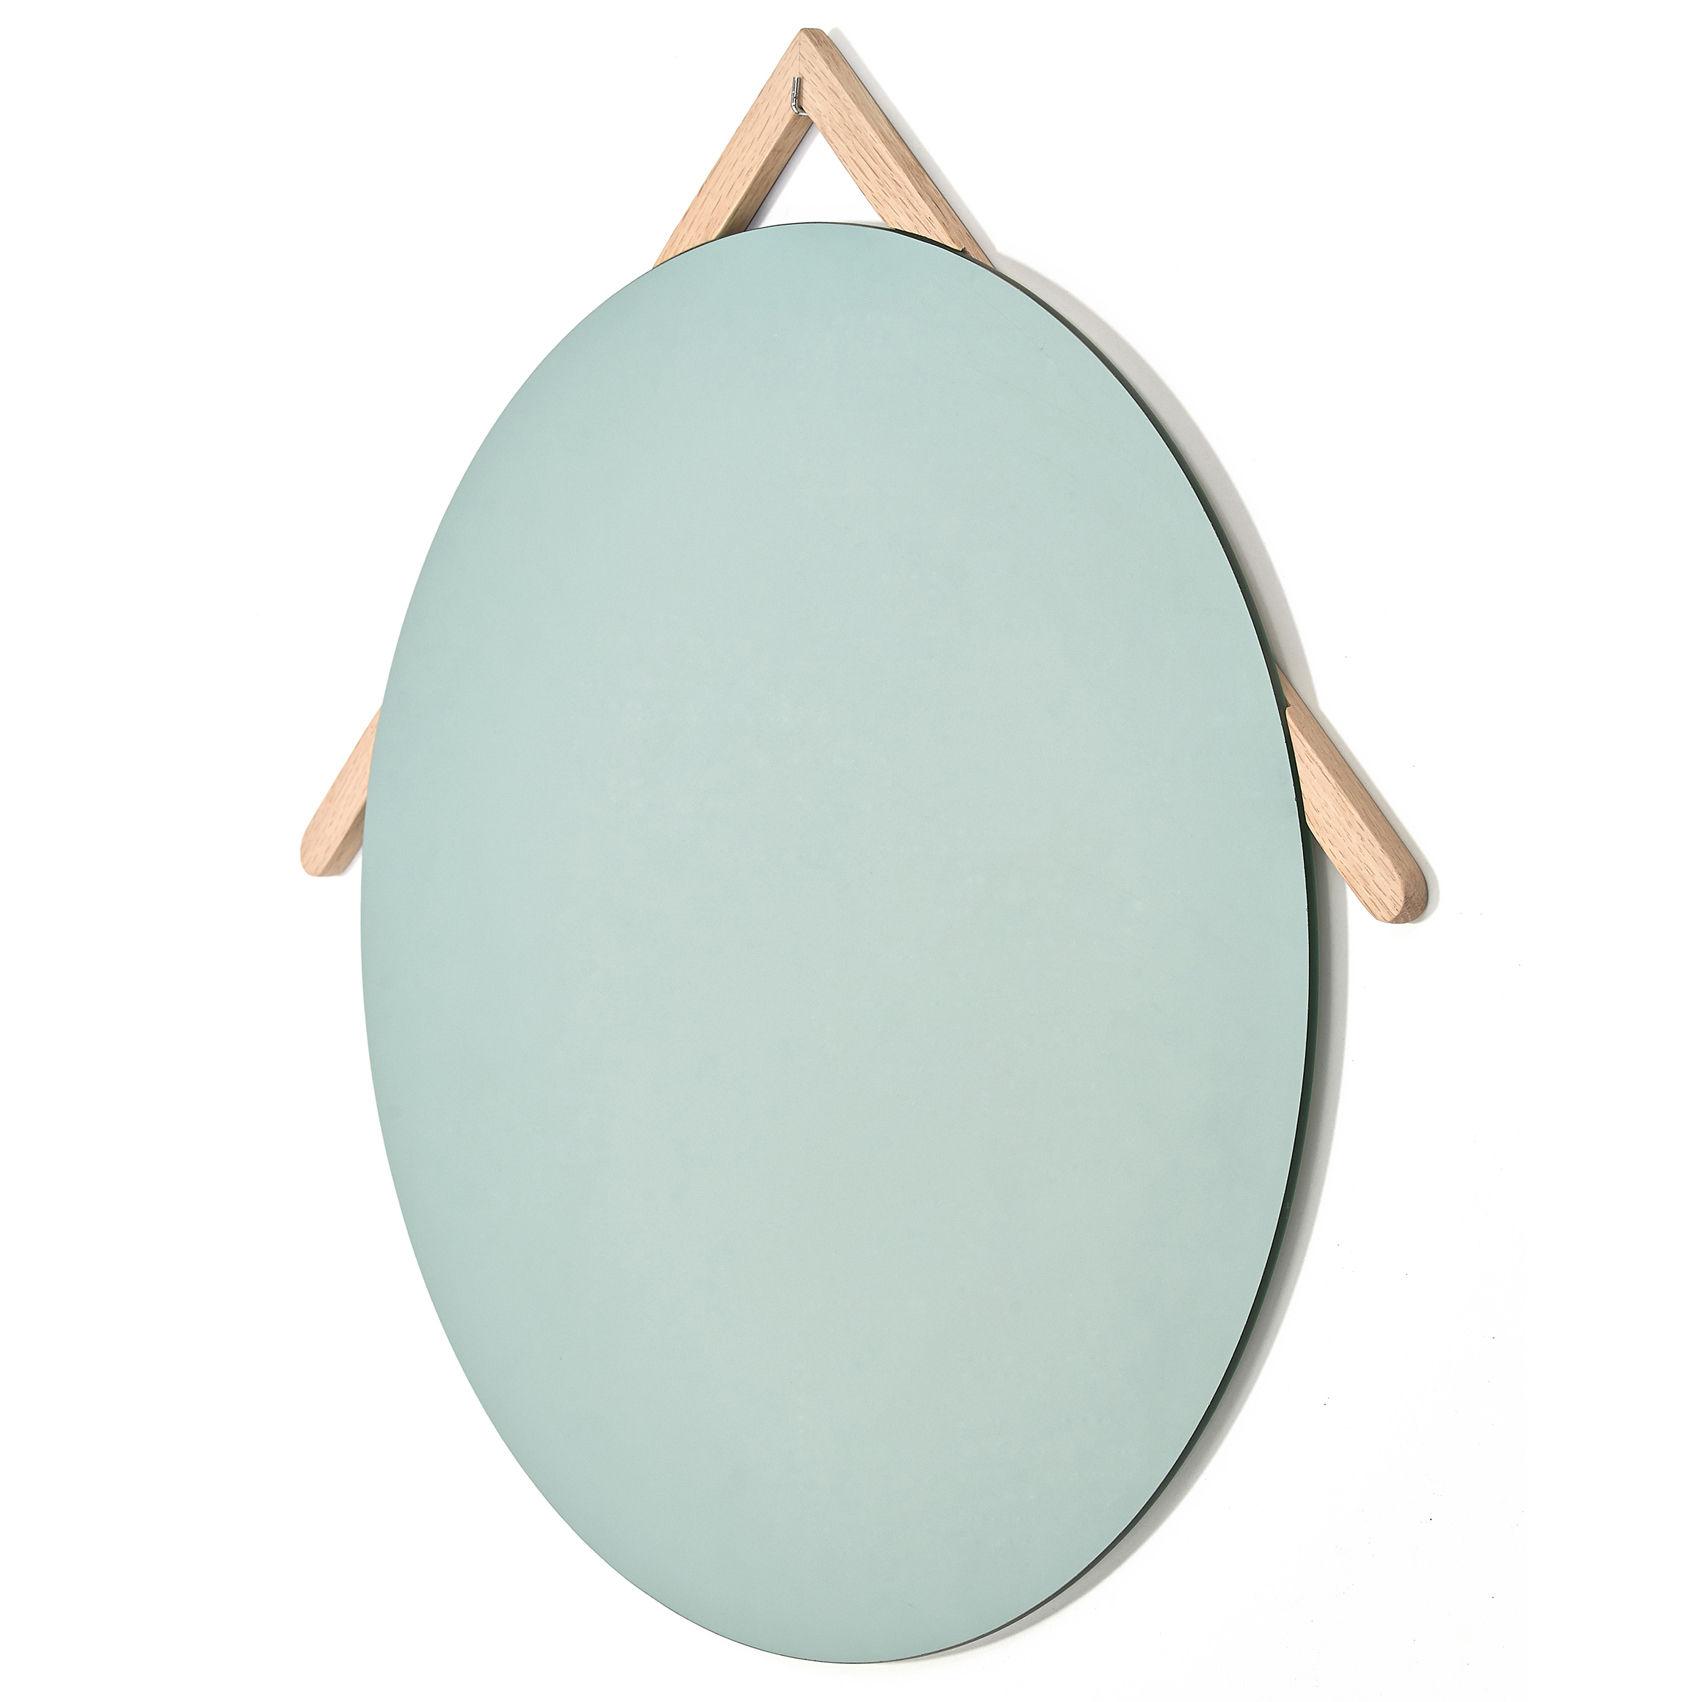 Miroir lubin 40 cm ch ne hart for Miroir 40 cm